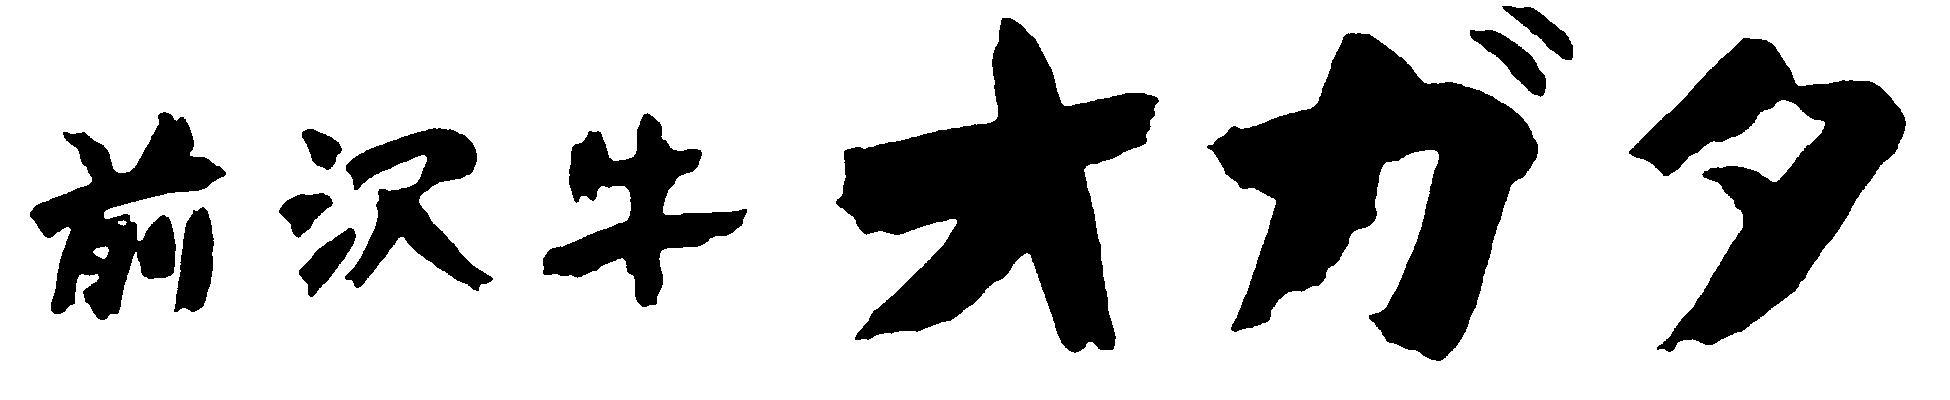 [岩手]㈲前沢牛オガタ 前沢牛薄切りの商品画像 (5)